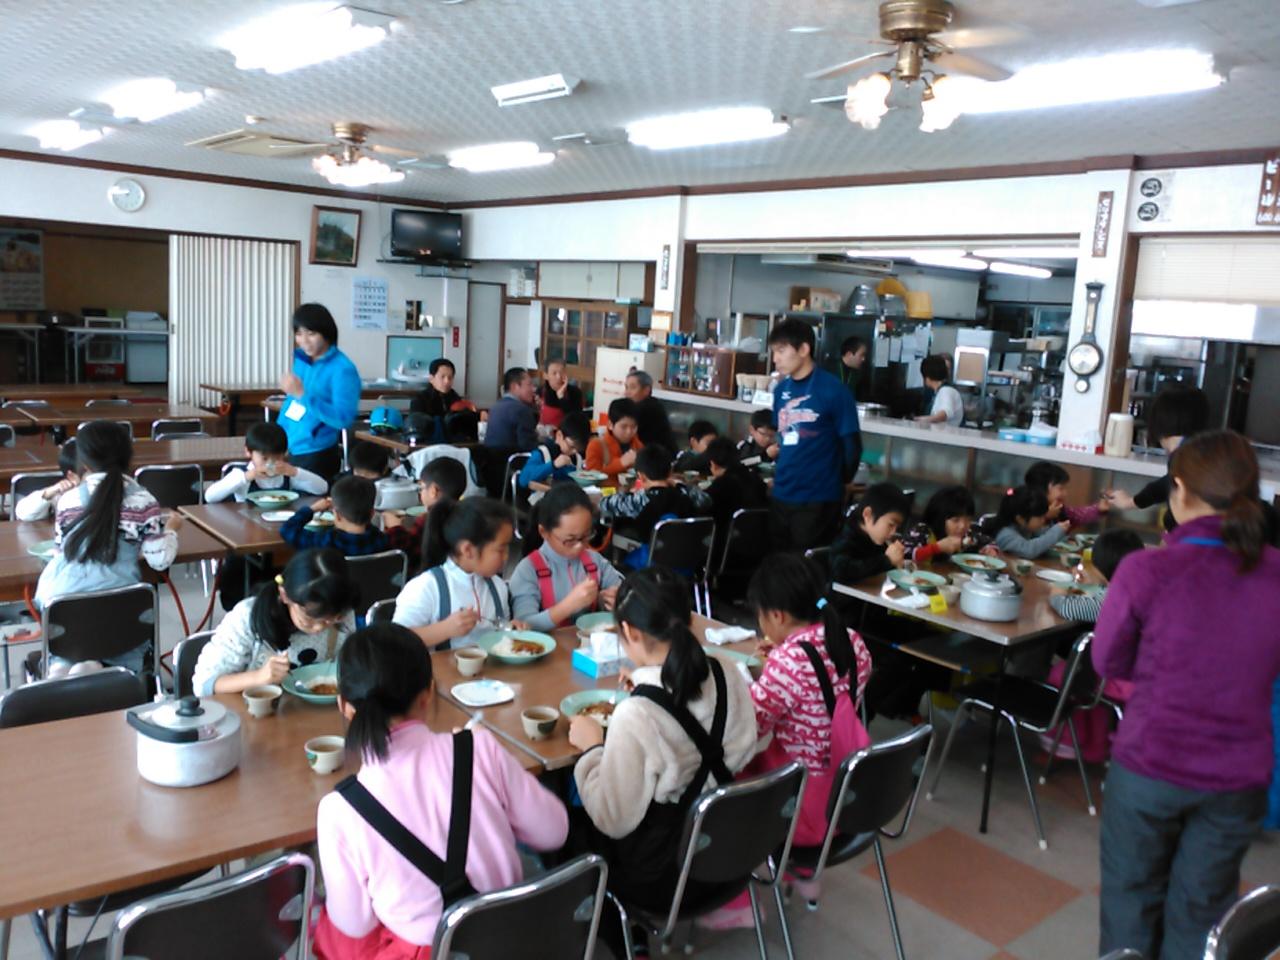 スキーキャンプ1日目・昼食1